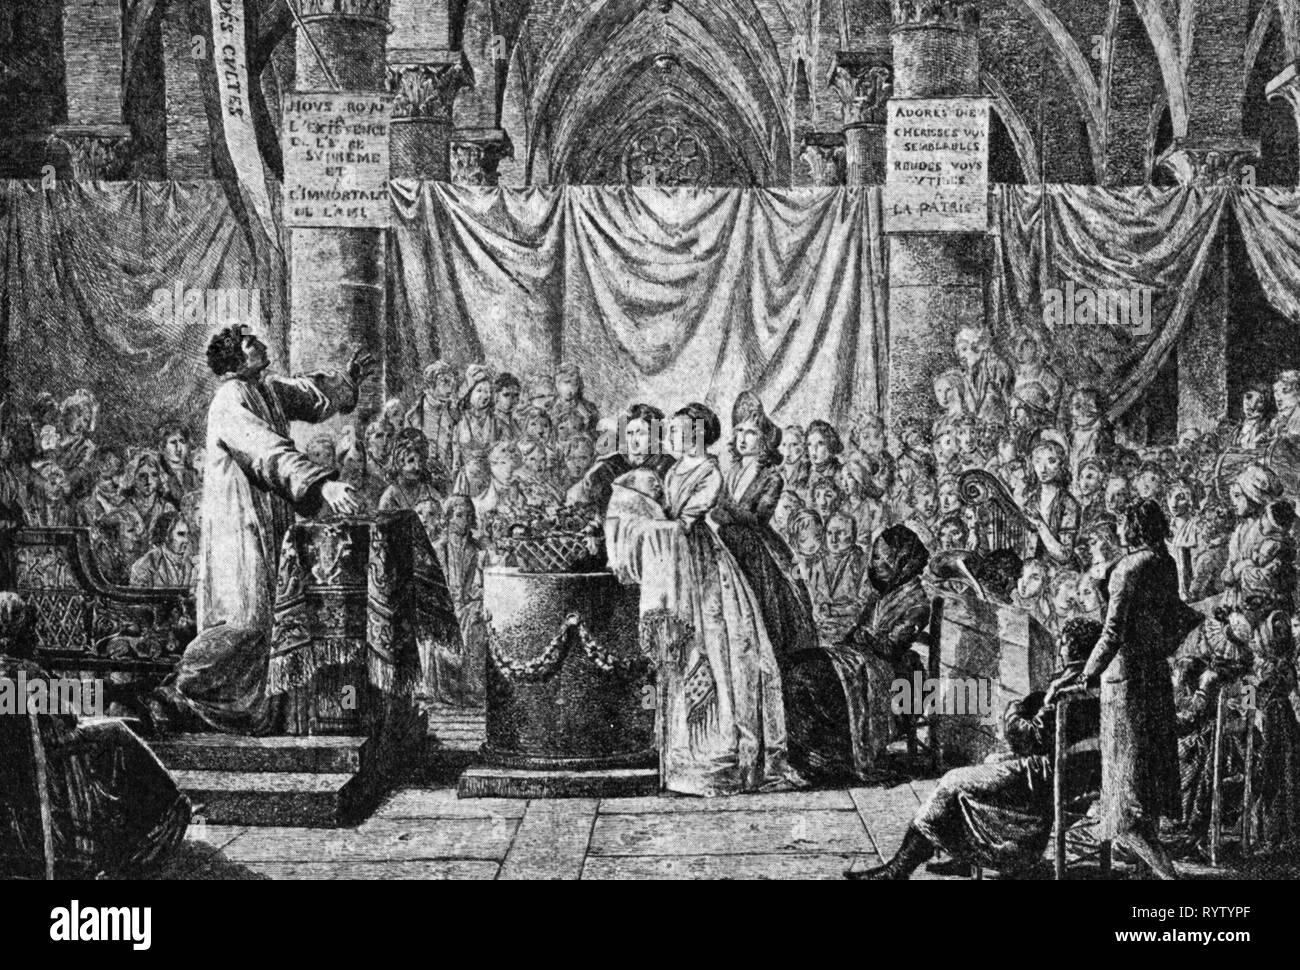 """Veranstaltungen, Französische Revolution 1789 - 1799, """"Le culte naturel', Gravieren, von Jean-Baptiste Mallet (1759 - 1835), Paris, 1797, Additional-Rights - Clearance-Info - Not-Available Stockbild"""